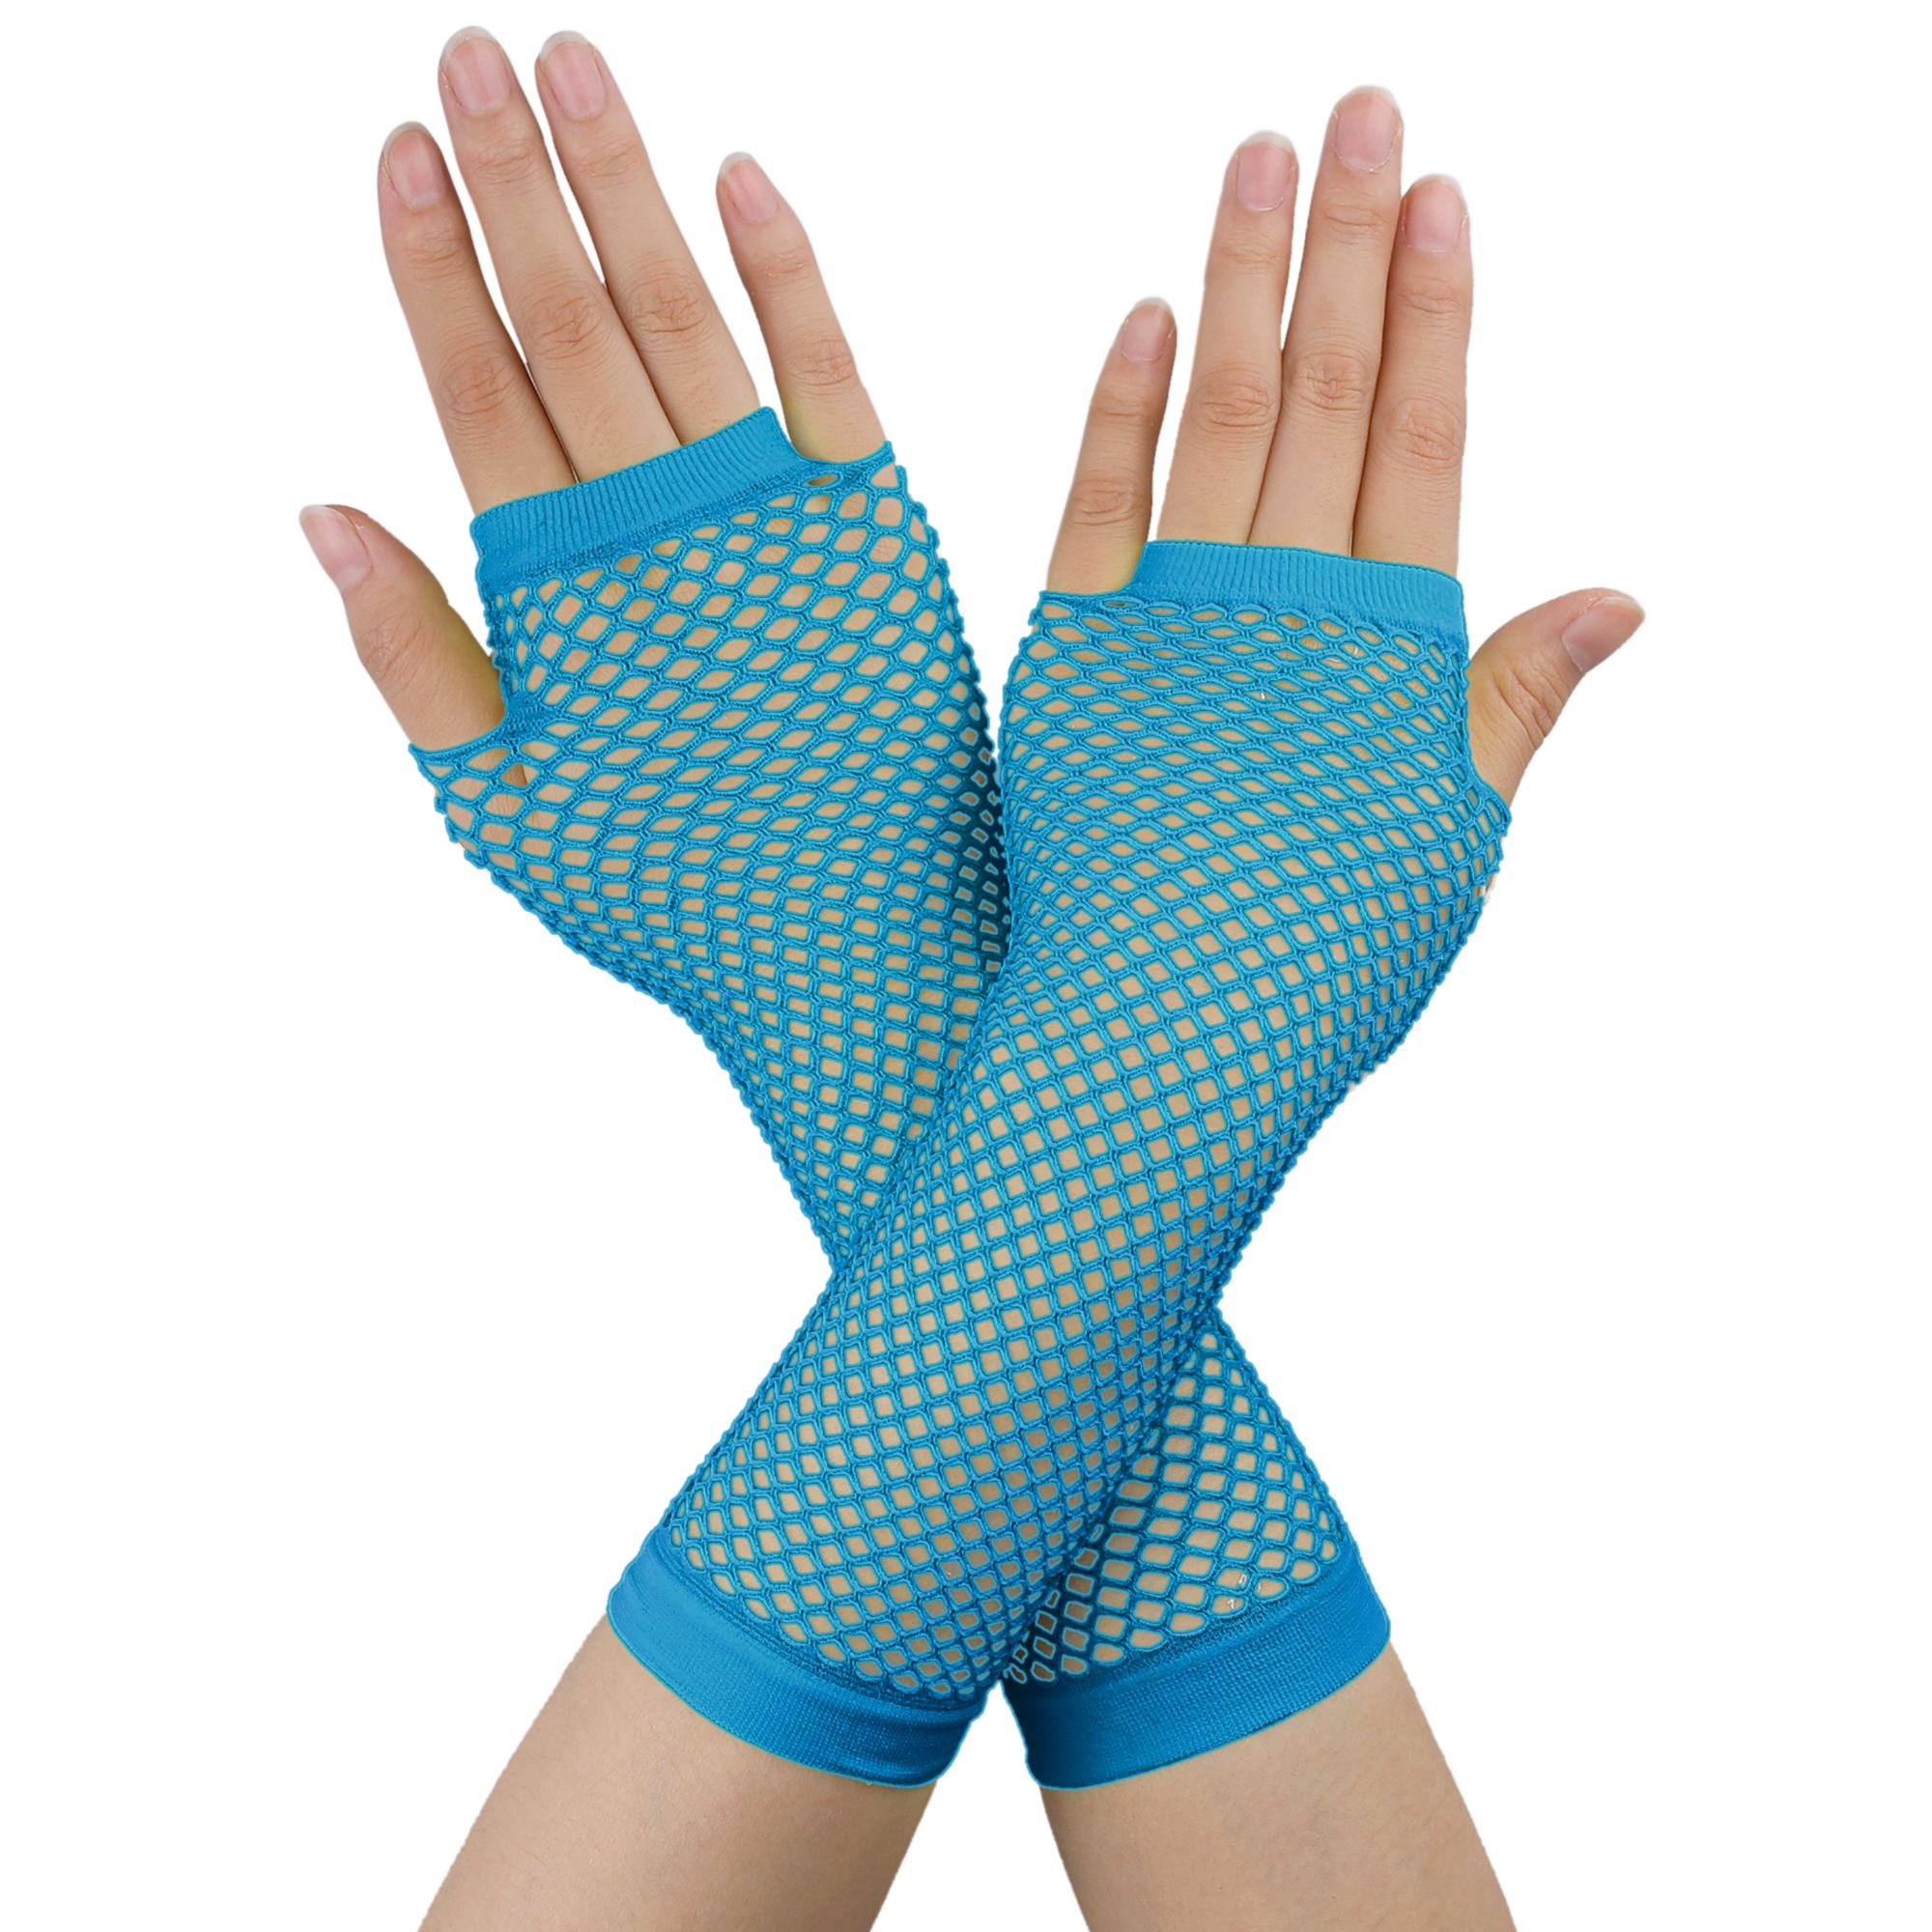 Women Elbow Length Fingerless Fishnet Gloves 2 Pairs Turquoise